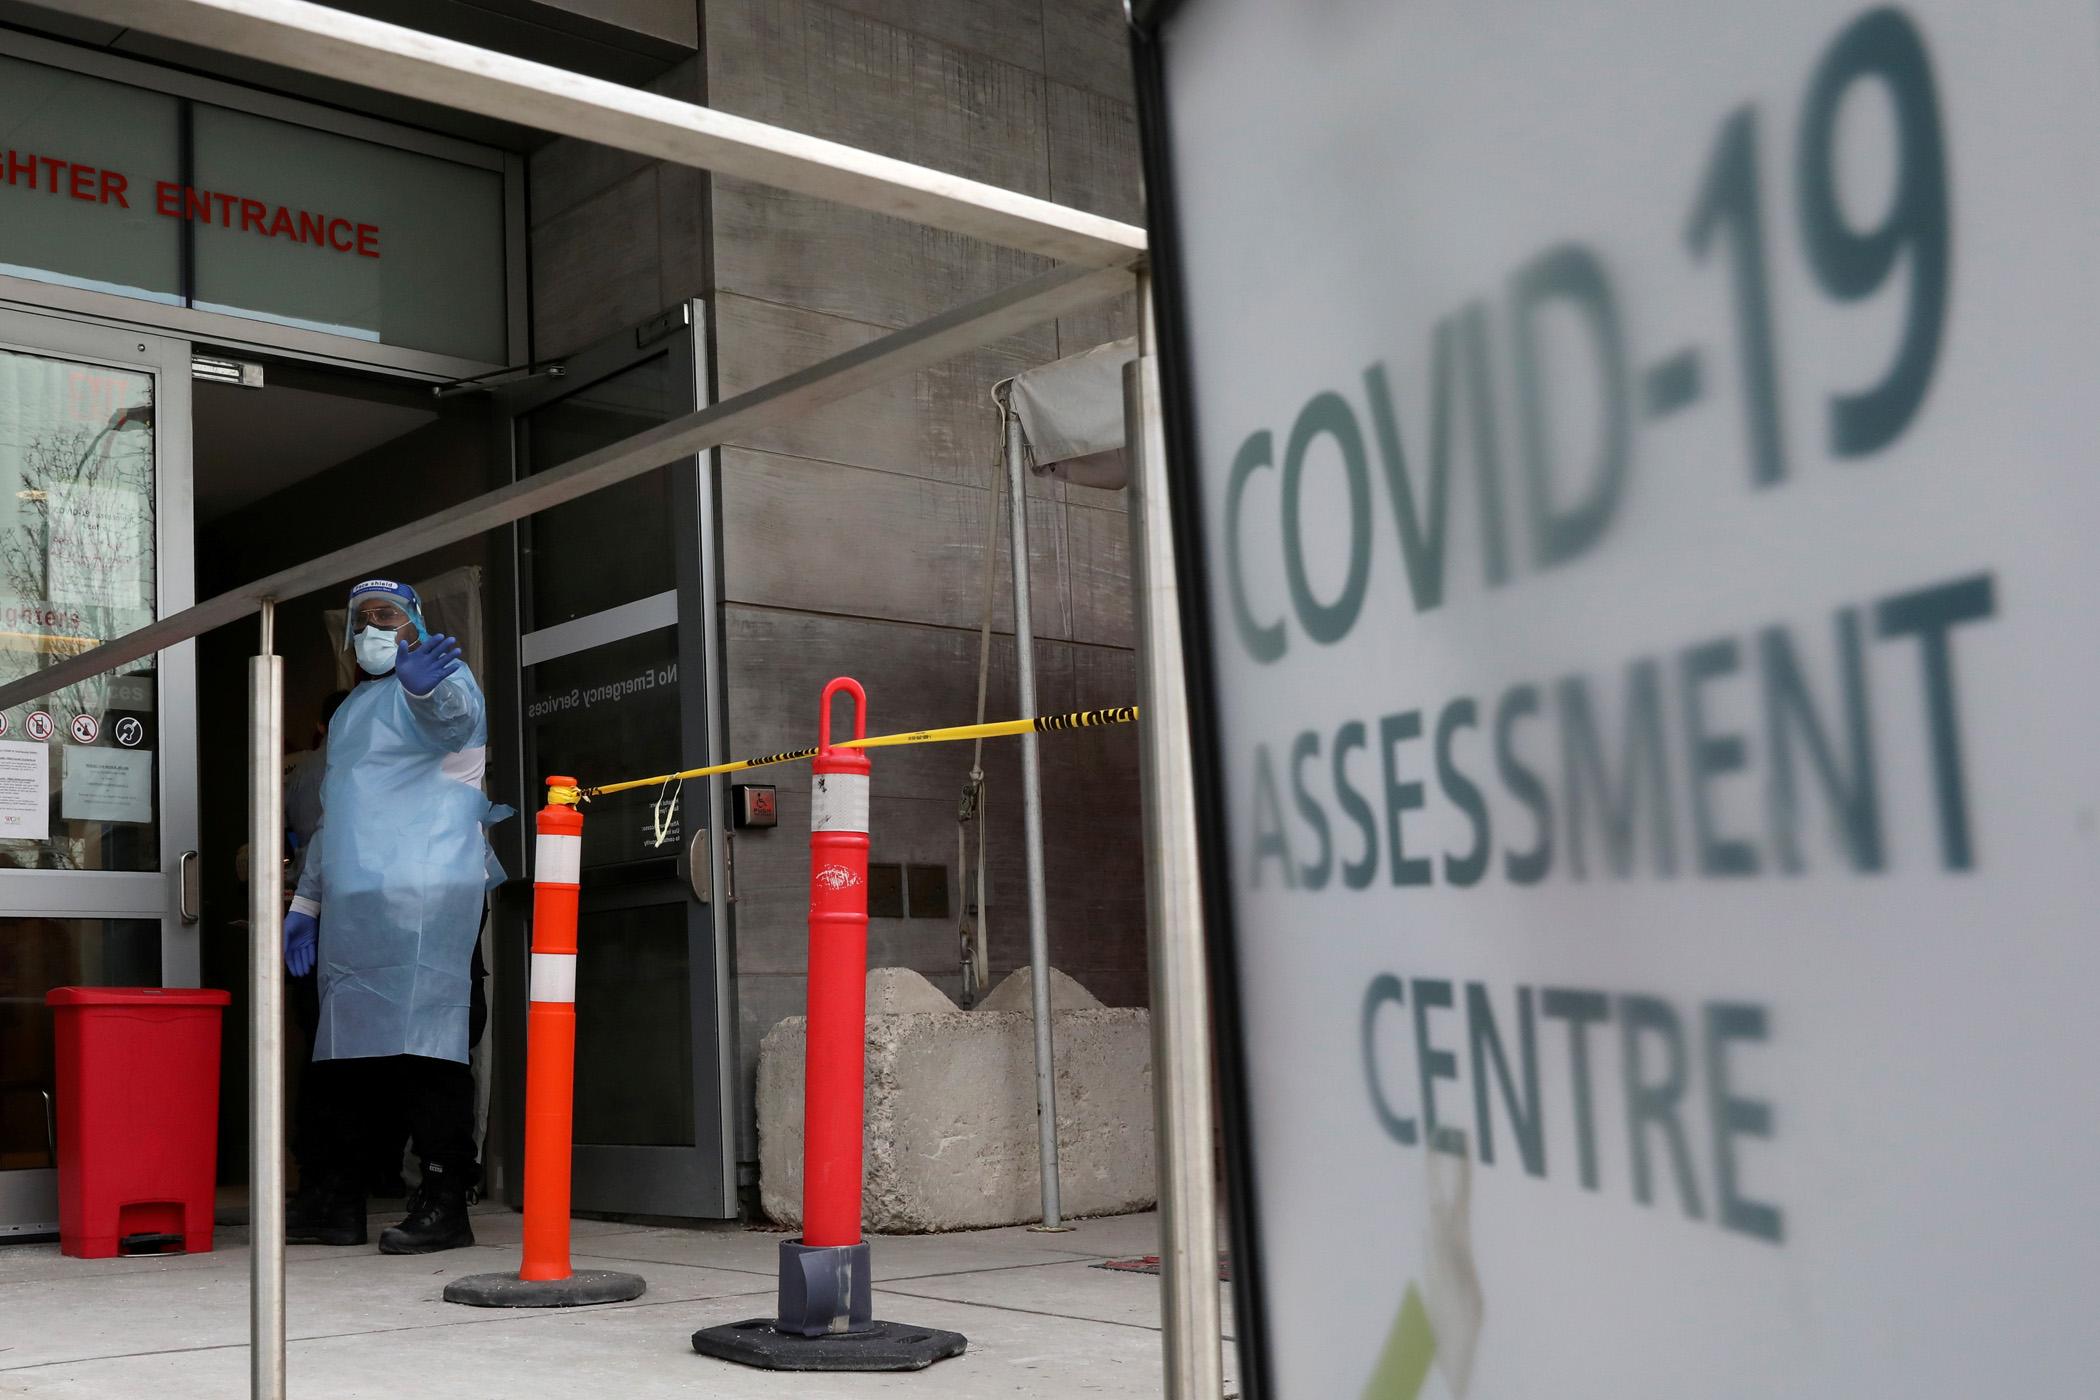 Μετάλλαξη κορονοϊού: Κρούσματα του βραζιλιάνικου και του νοτιοαφρικανικού στελέχους εντοπίστηκαν στον Καναδά